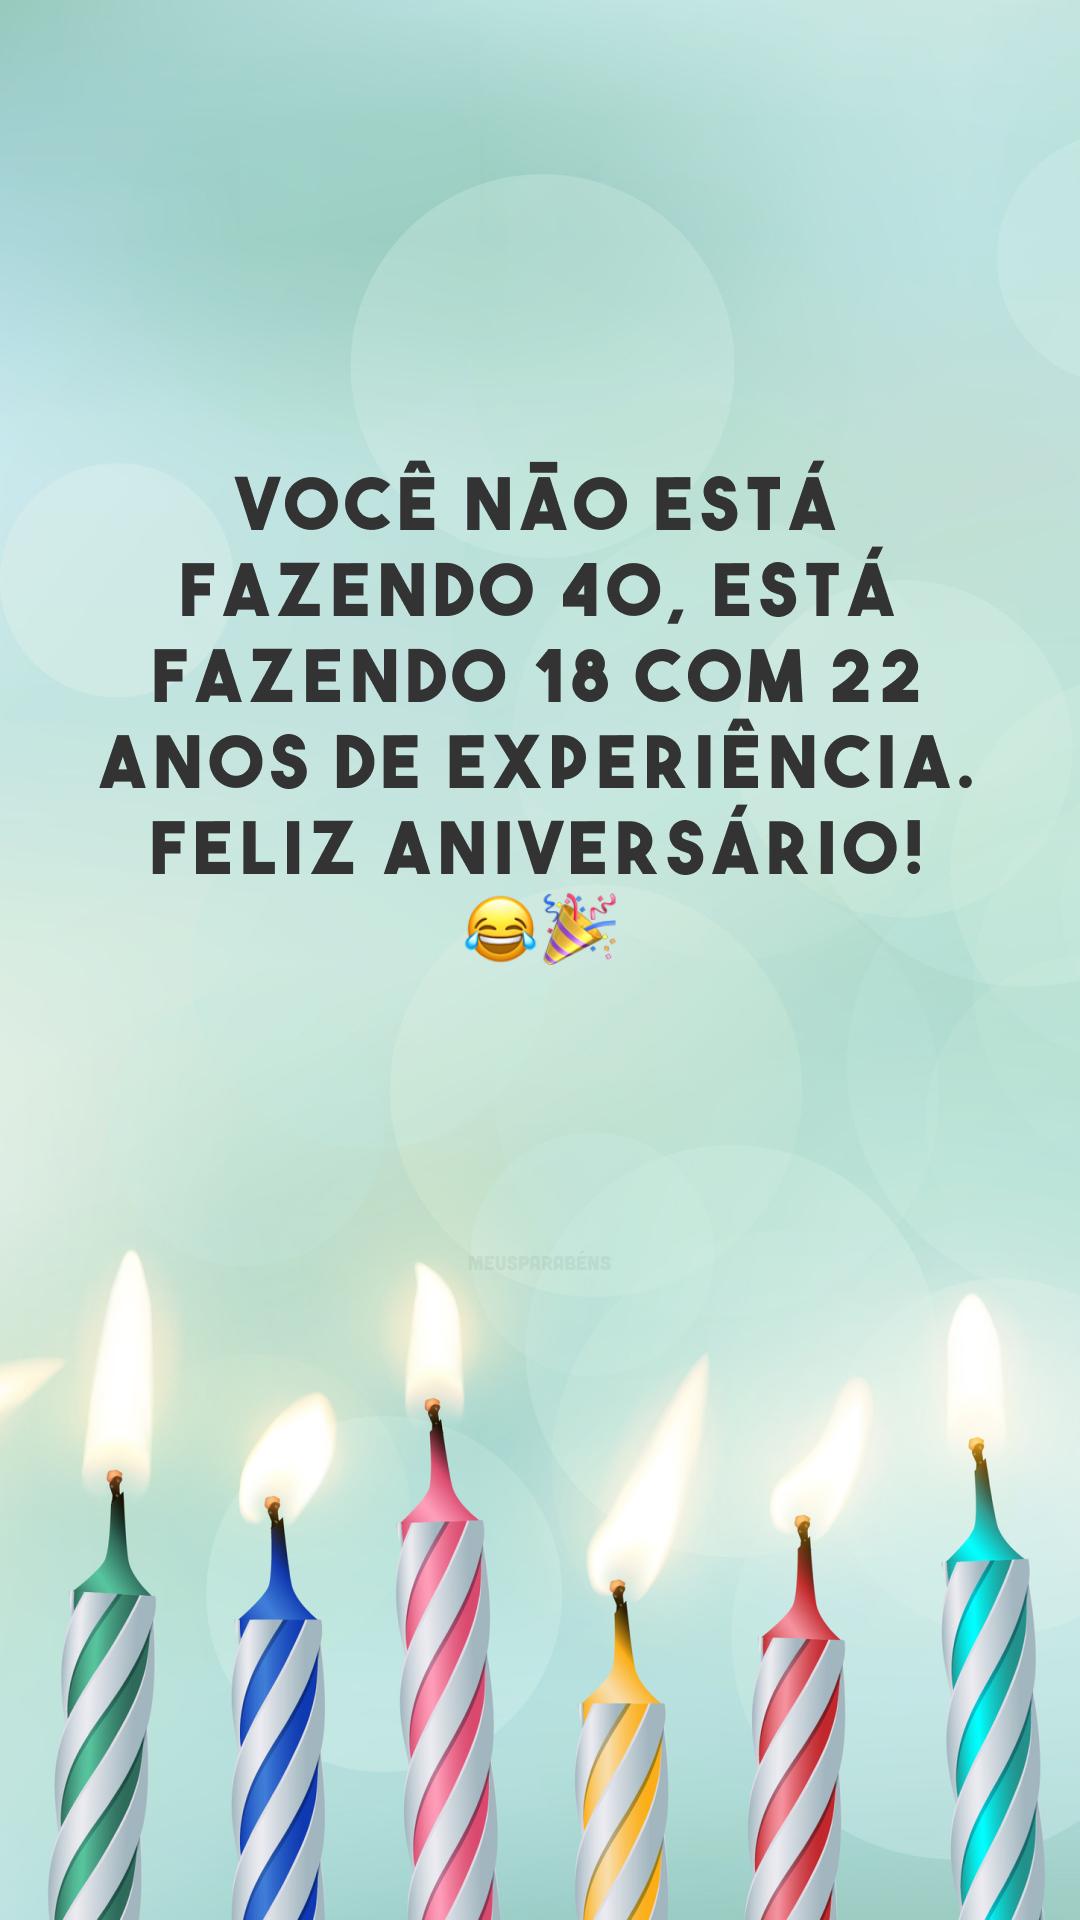 Você não está fazendo 40, está fazendo 18 com 22 anos de experiência. Feliz aniversário! 😂🎉